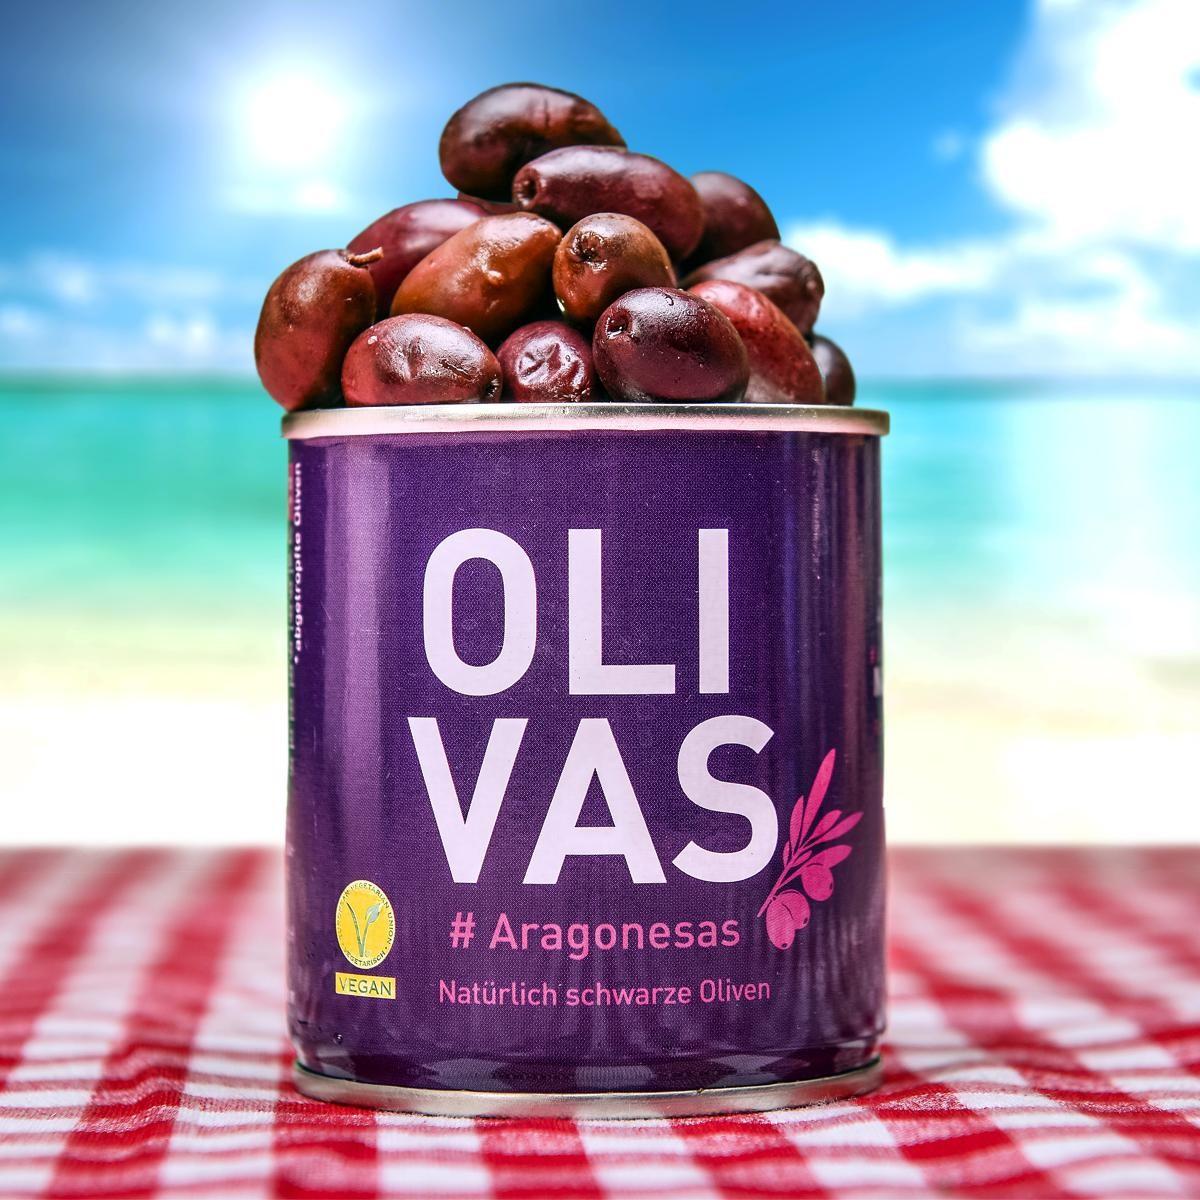 cerne olivy s cesnekem ze spanelska olivas aragonesas 80g.jpg